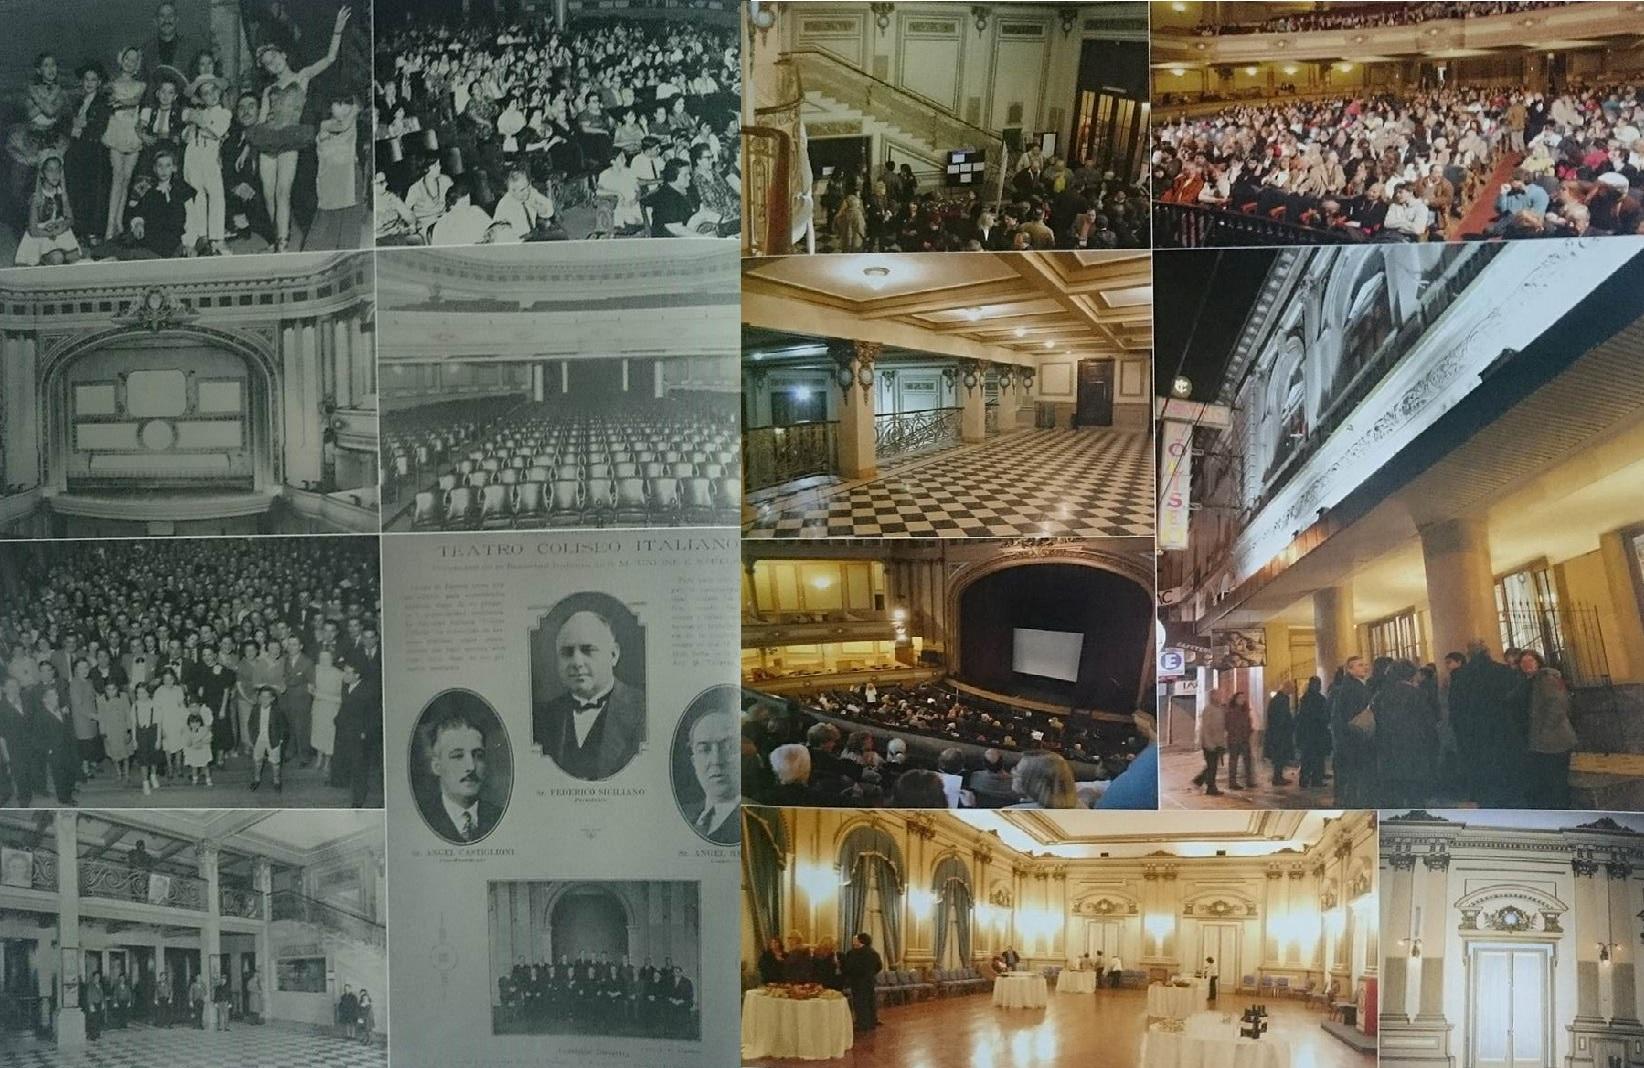 Il Teatro Coliseo di Lomas è un regalo degli italiani alla comunità di Buenos Aires. Teatro Coliseo di Lomas de Zamora.